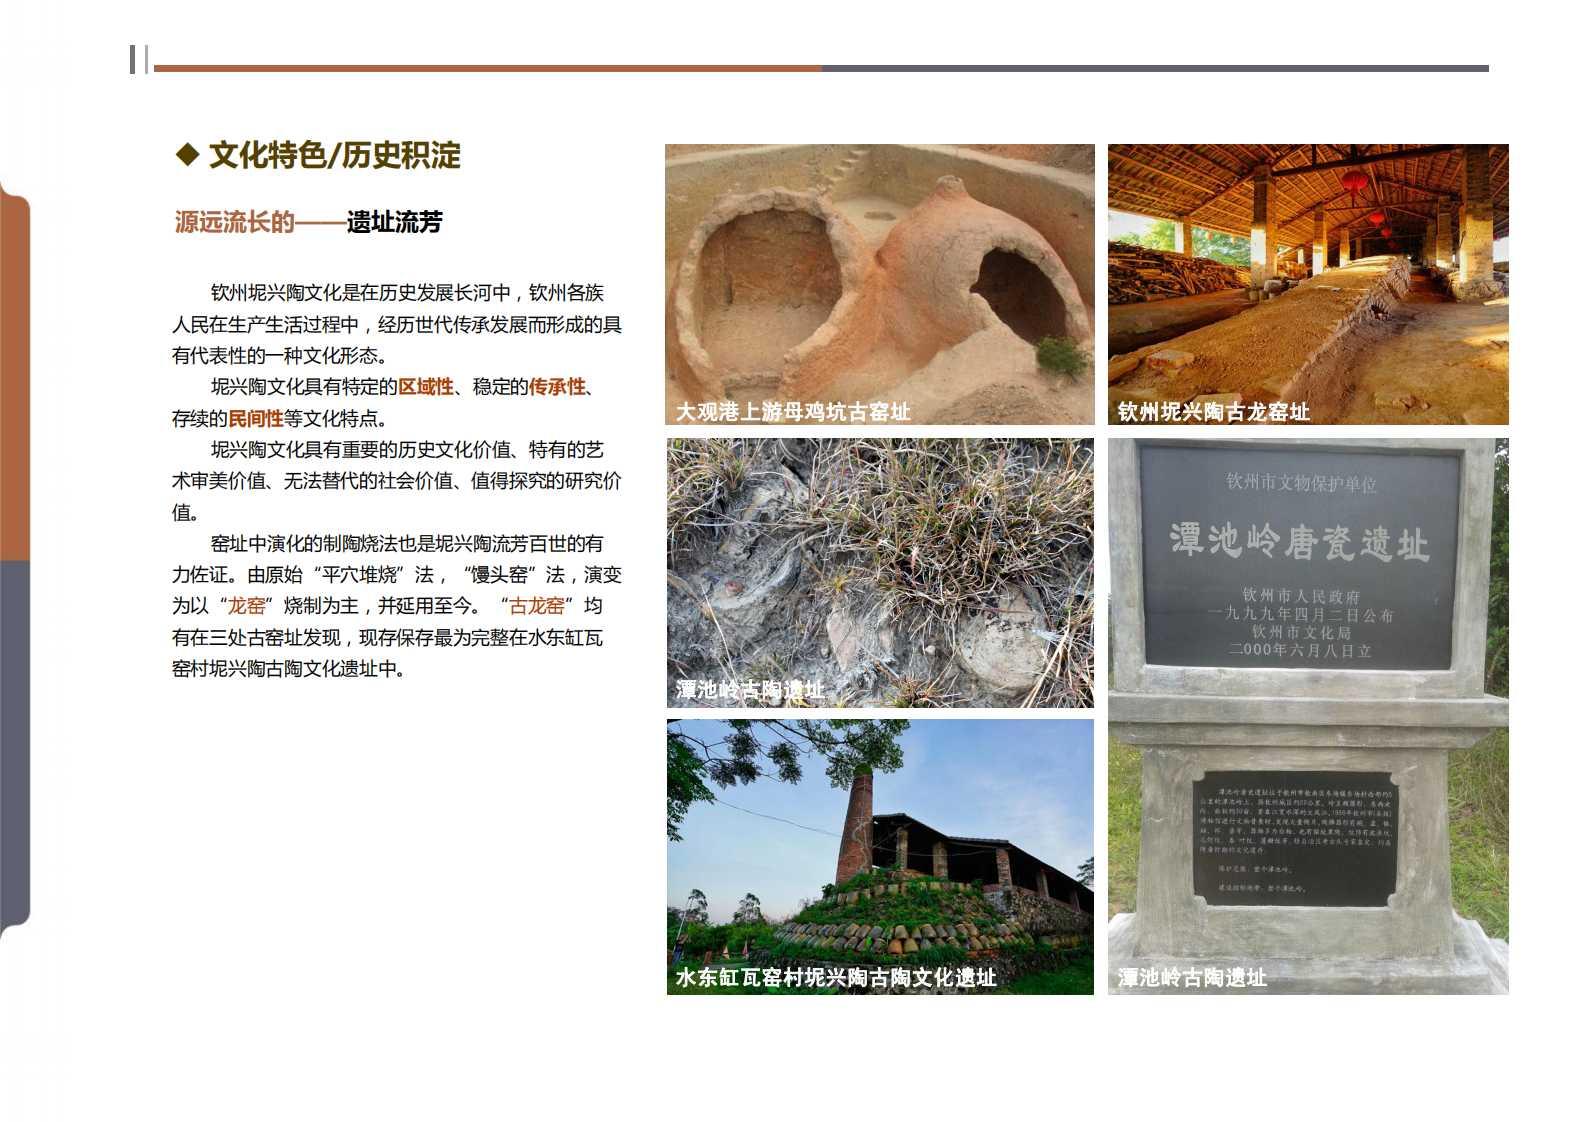 钦州坭兴陶特色小镇项目简介(4)_07.png